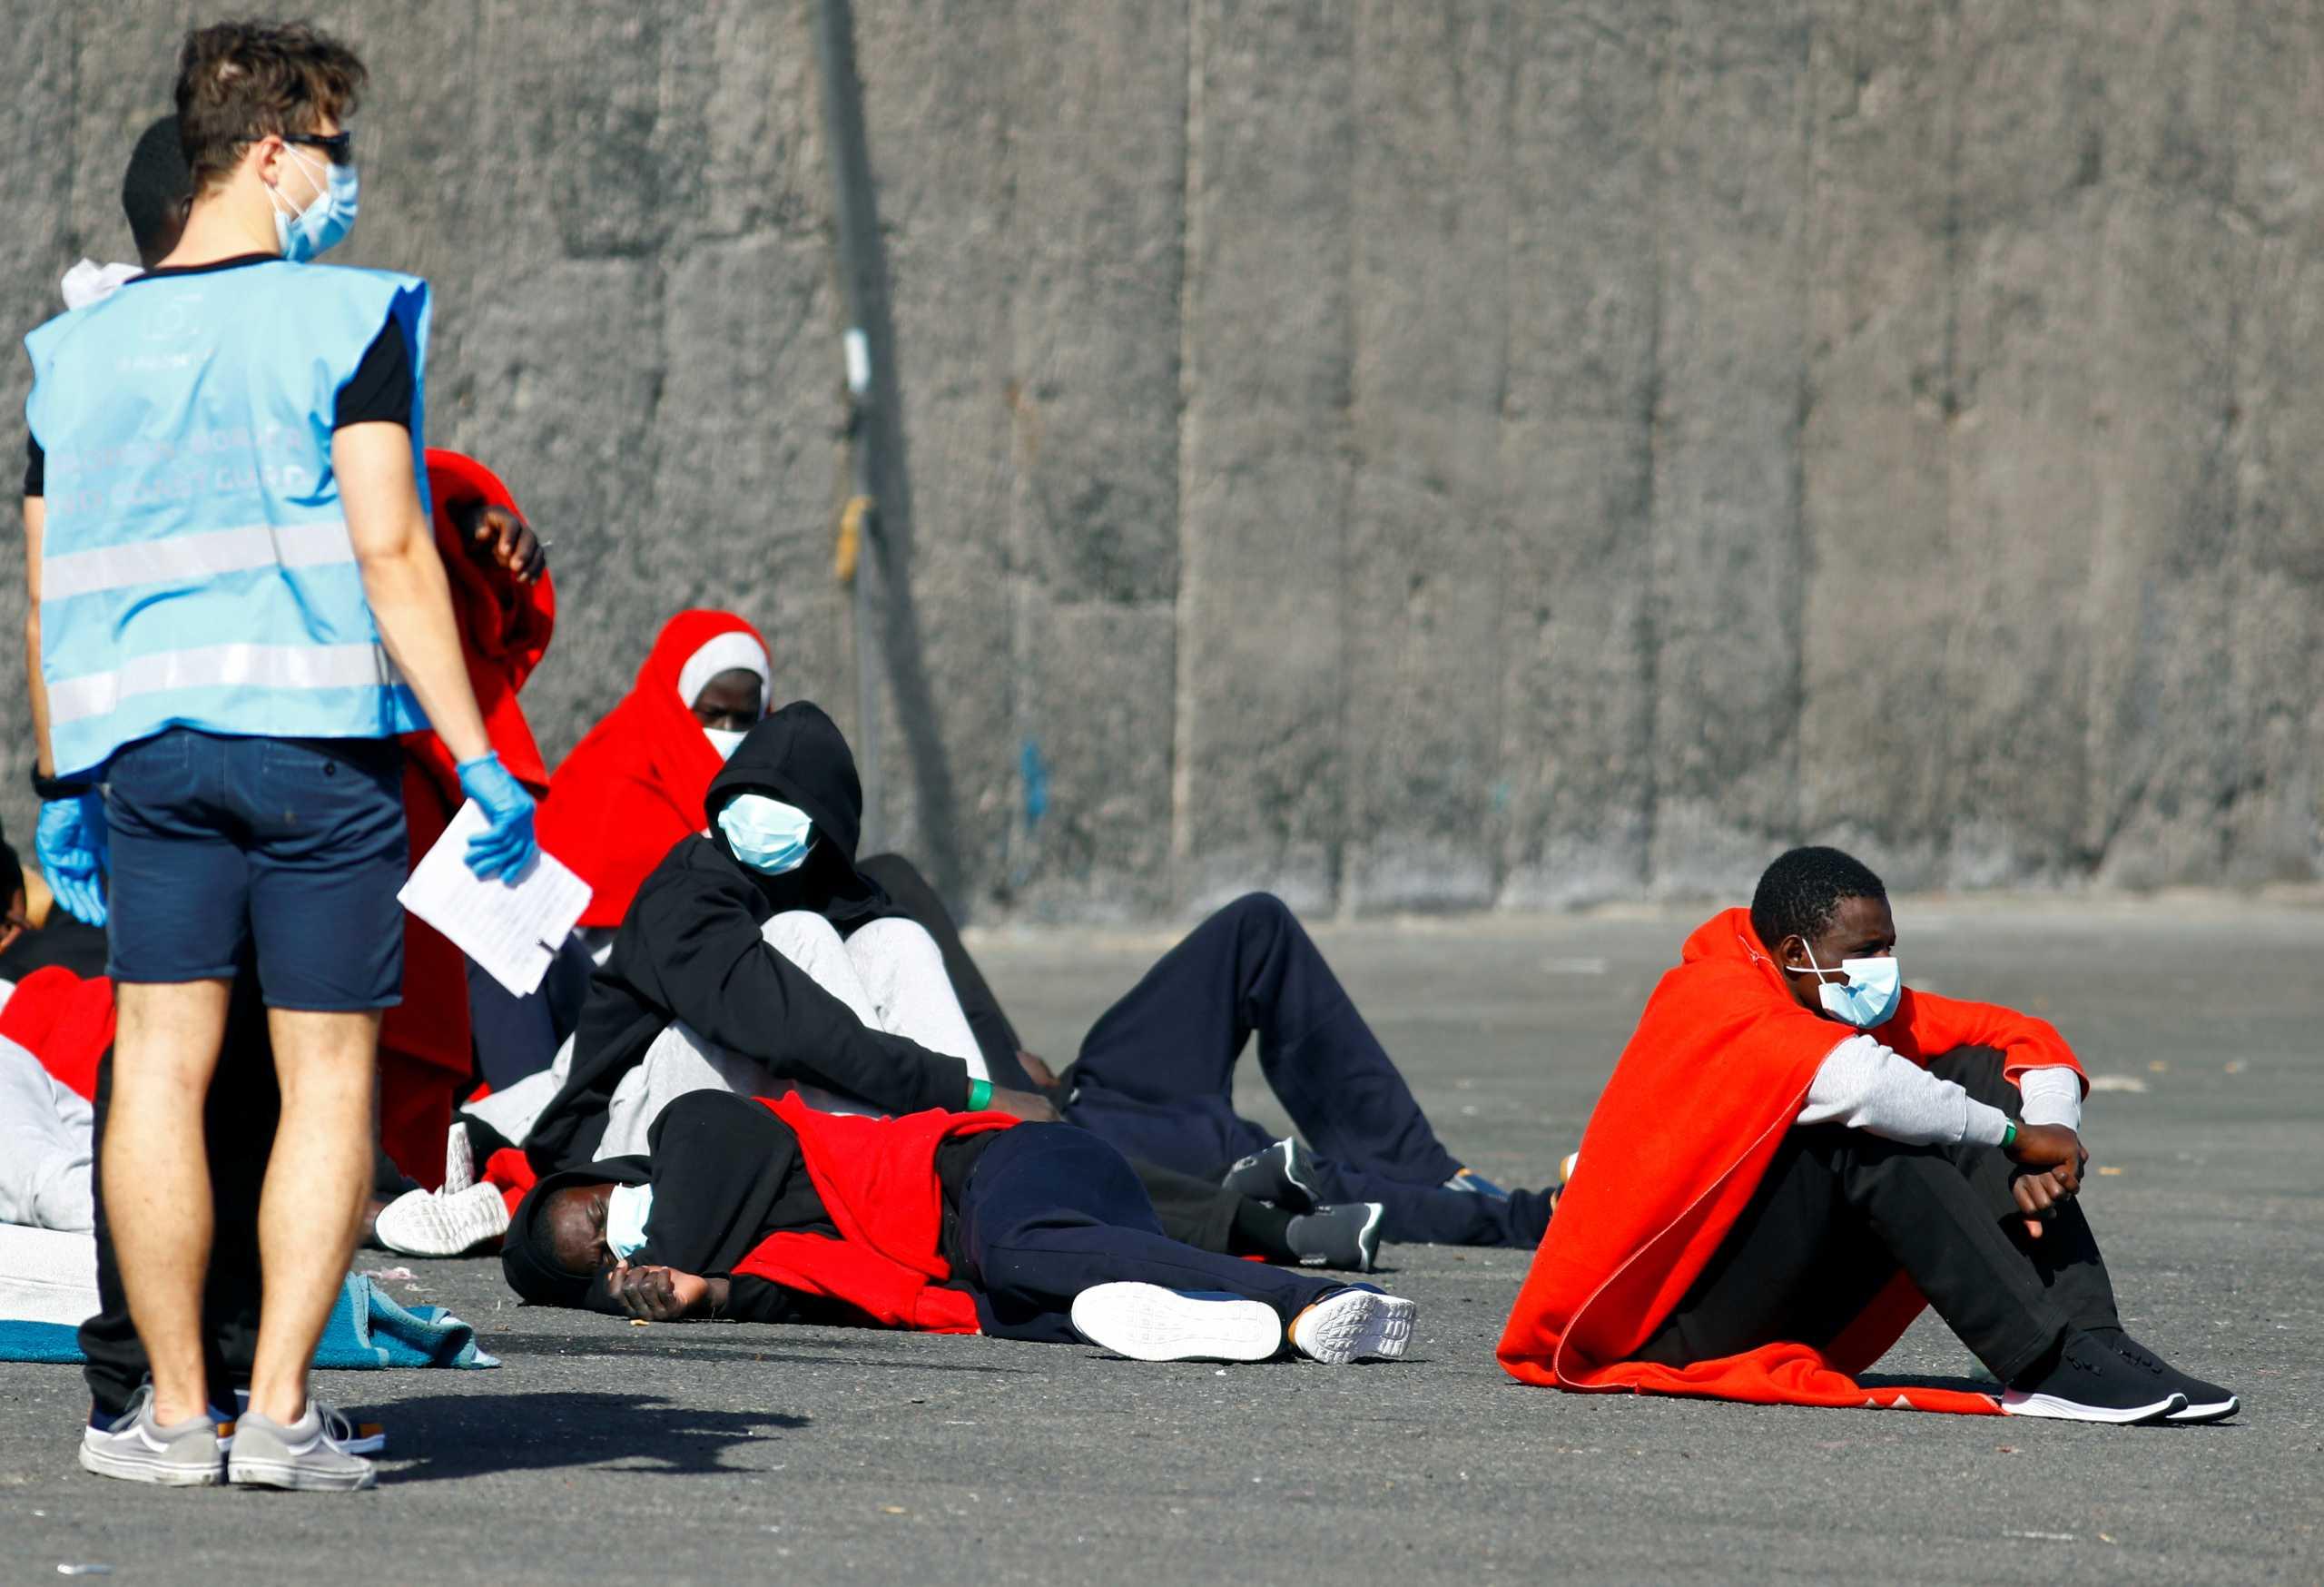 Ισπανία: Μετανάστες πνίγηκαν στην προσπάθειά τους να φτάσουν στα Κανάρια Νησιά